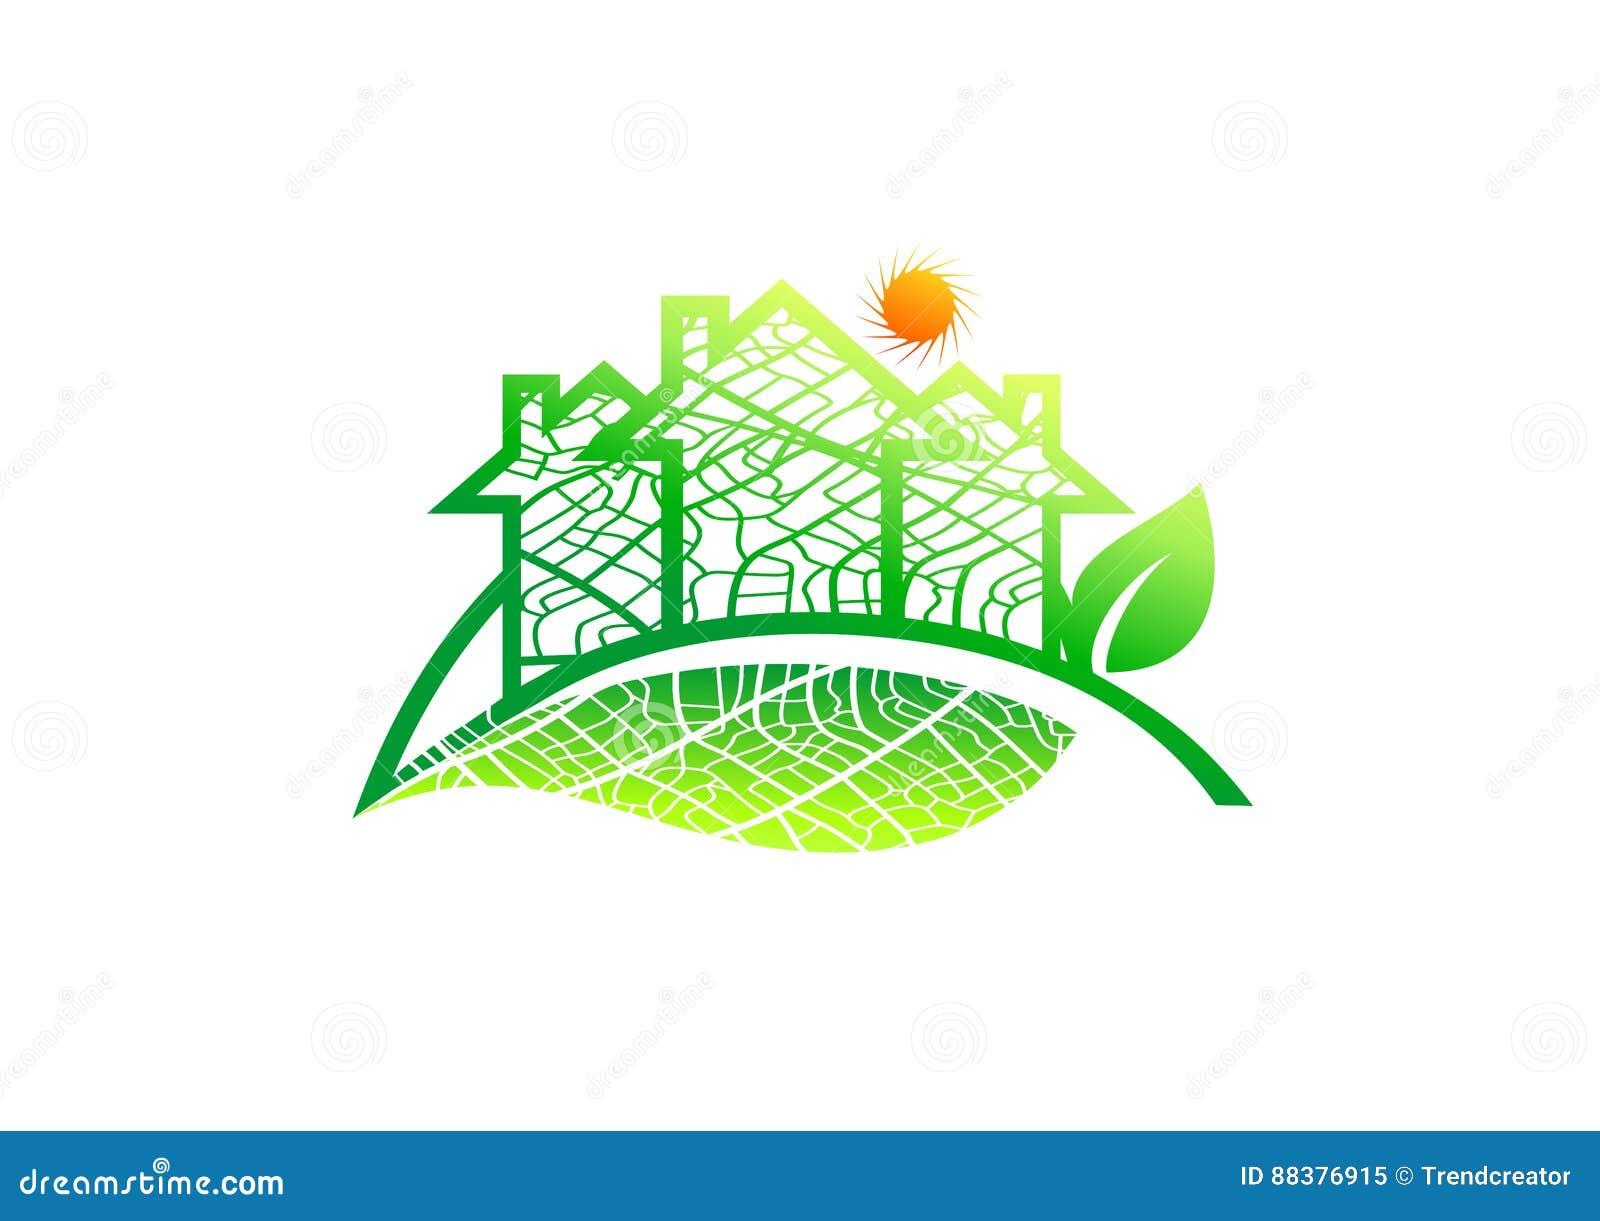 Onroerende goederenembleem, het pictogram van het huisblad, organisch architectuurteken, de natuurlijke bouw, zonne-energiebouw,